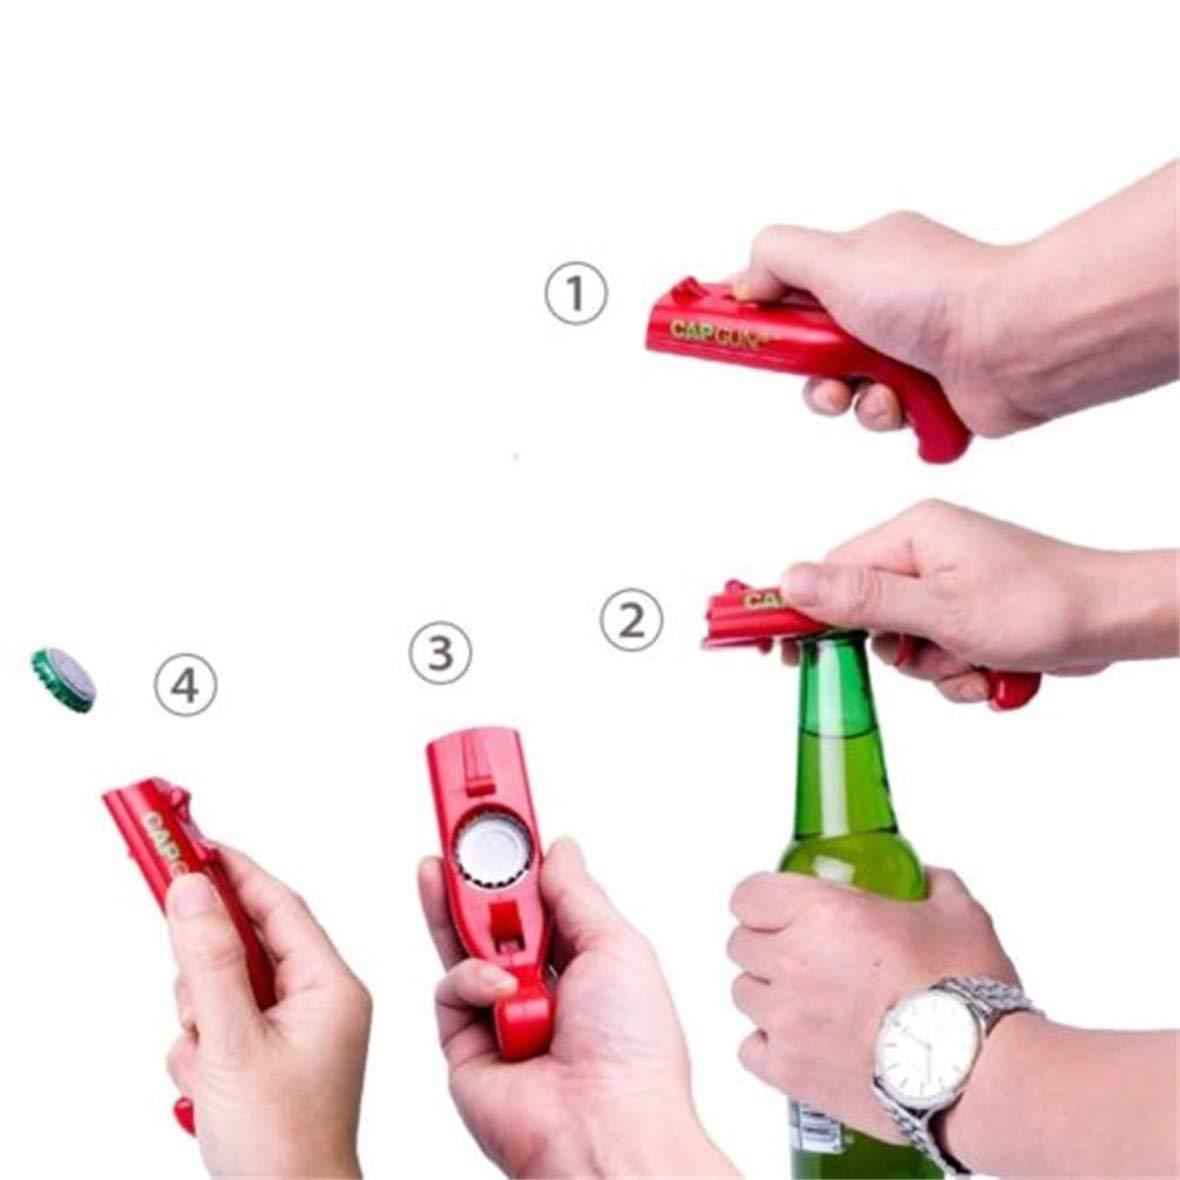 Heaviesk Abridores de latas Gorra de Primavera Lanzador de catapultas Forma de Pistola Herramienta de Barra Apertura Apertura Abridor de Botellas de Cerveza